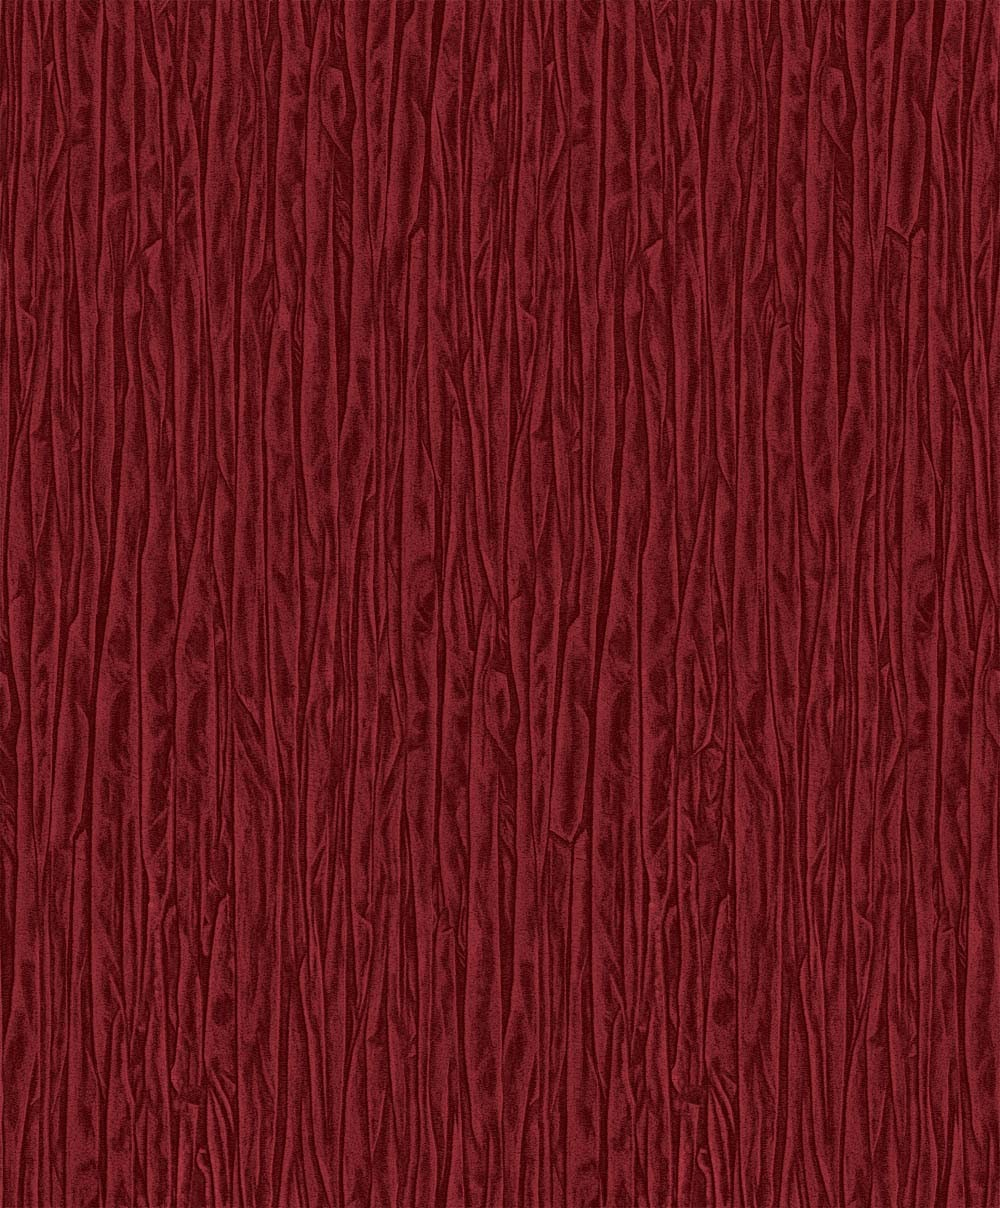 بالصور خلفية حمراء , اجمل الخلفيات الخلفيات الحمراء 1457 6